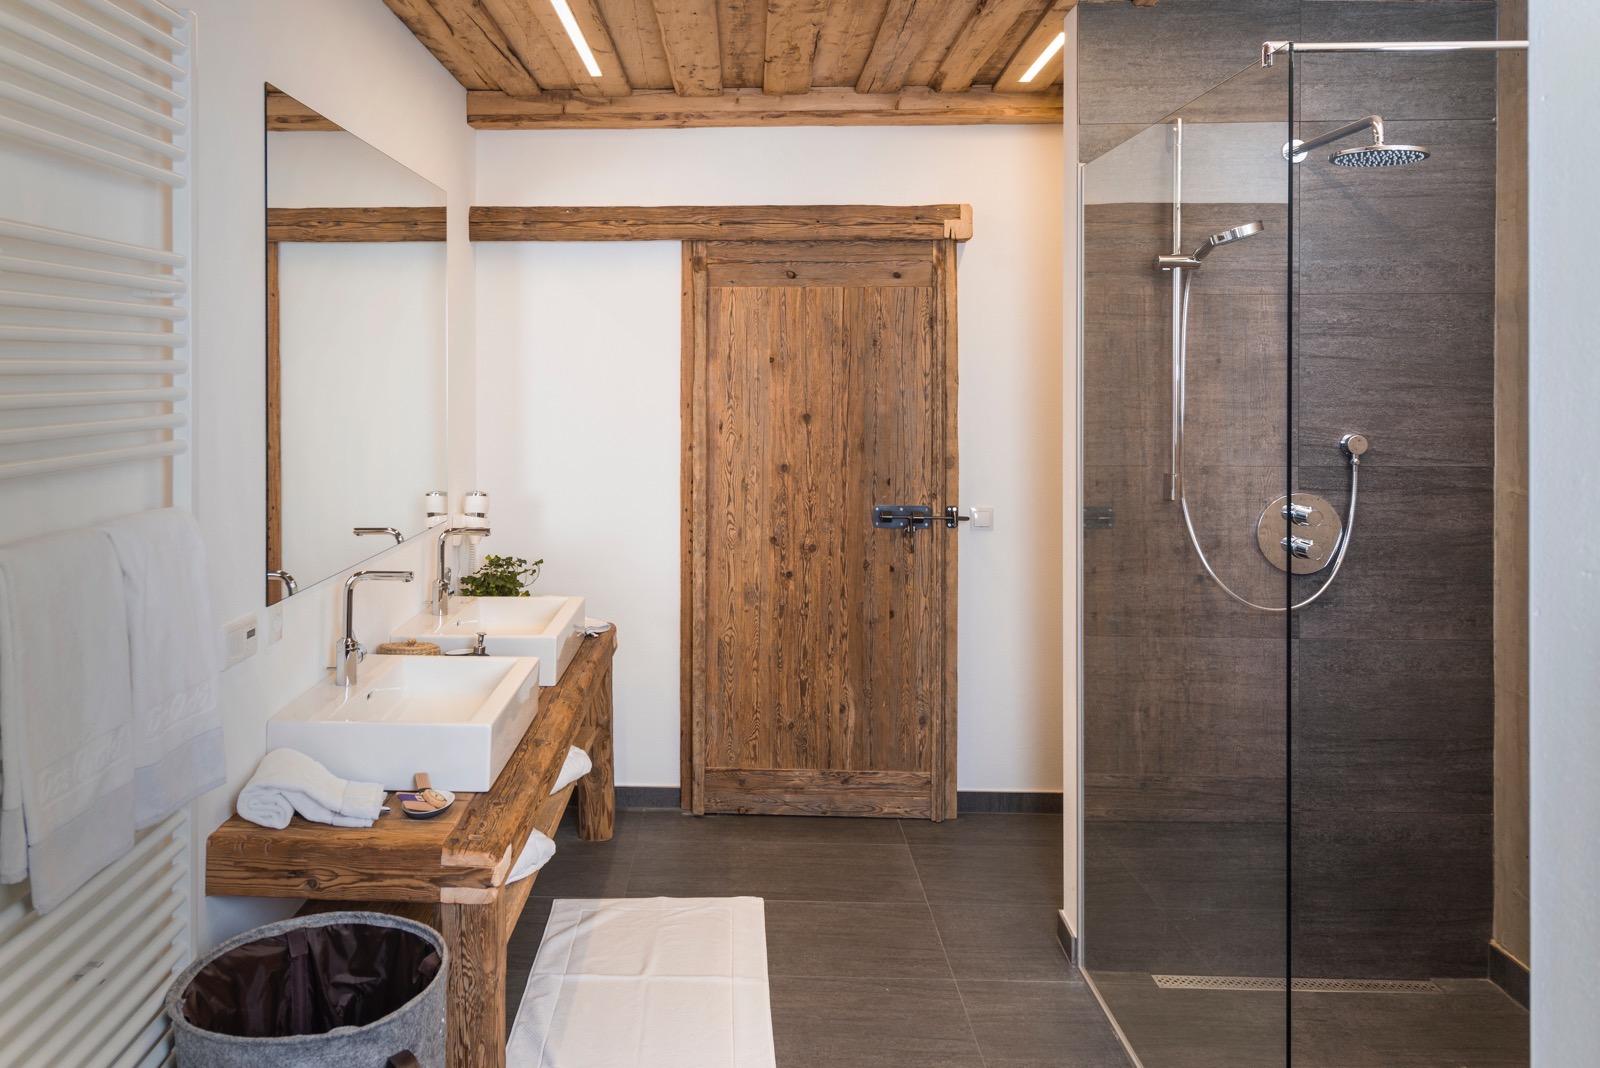 Suiten Appartements Ferienhaus Das Chalet In Schladming Das Chalet